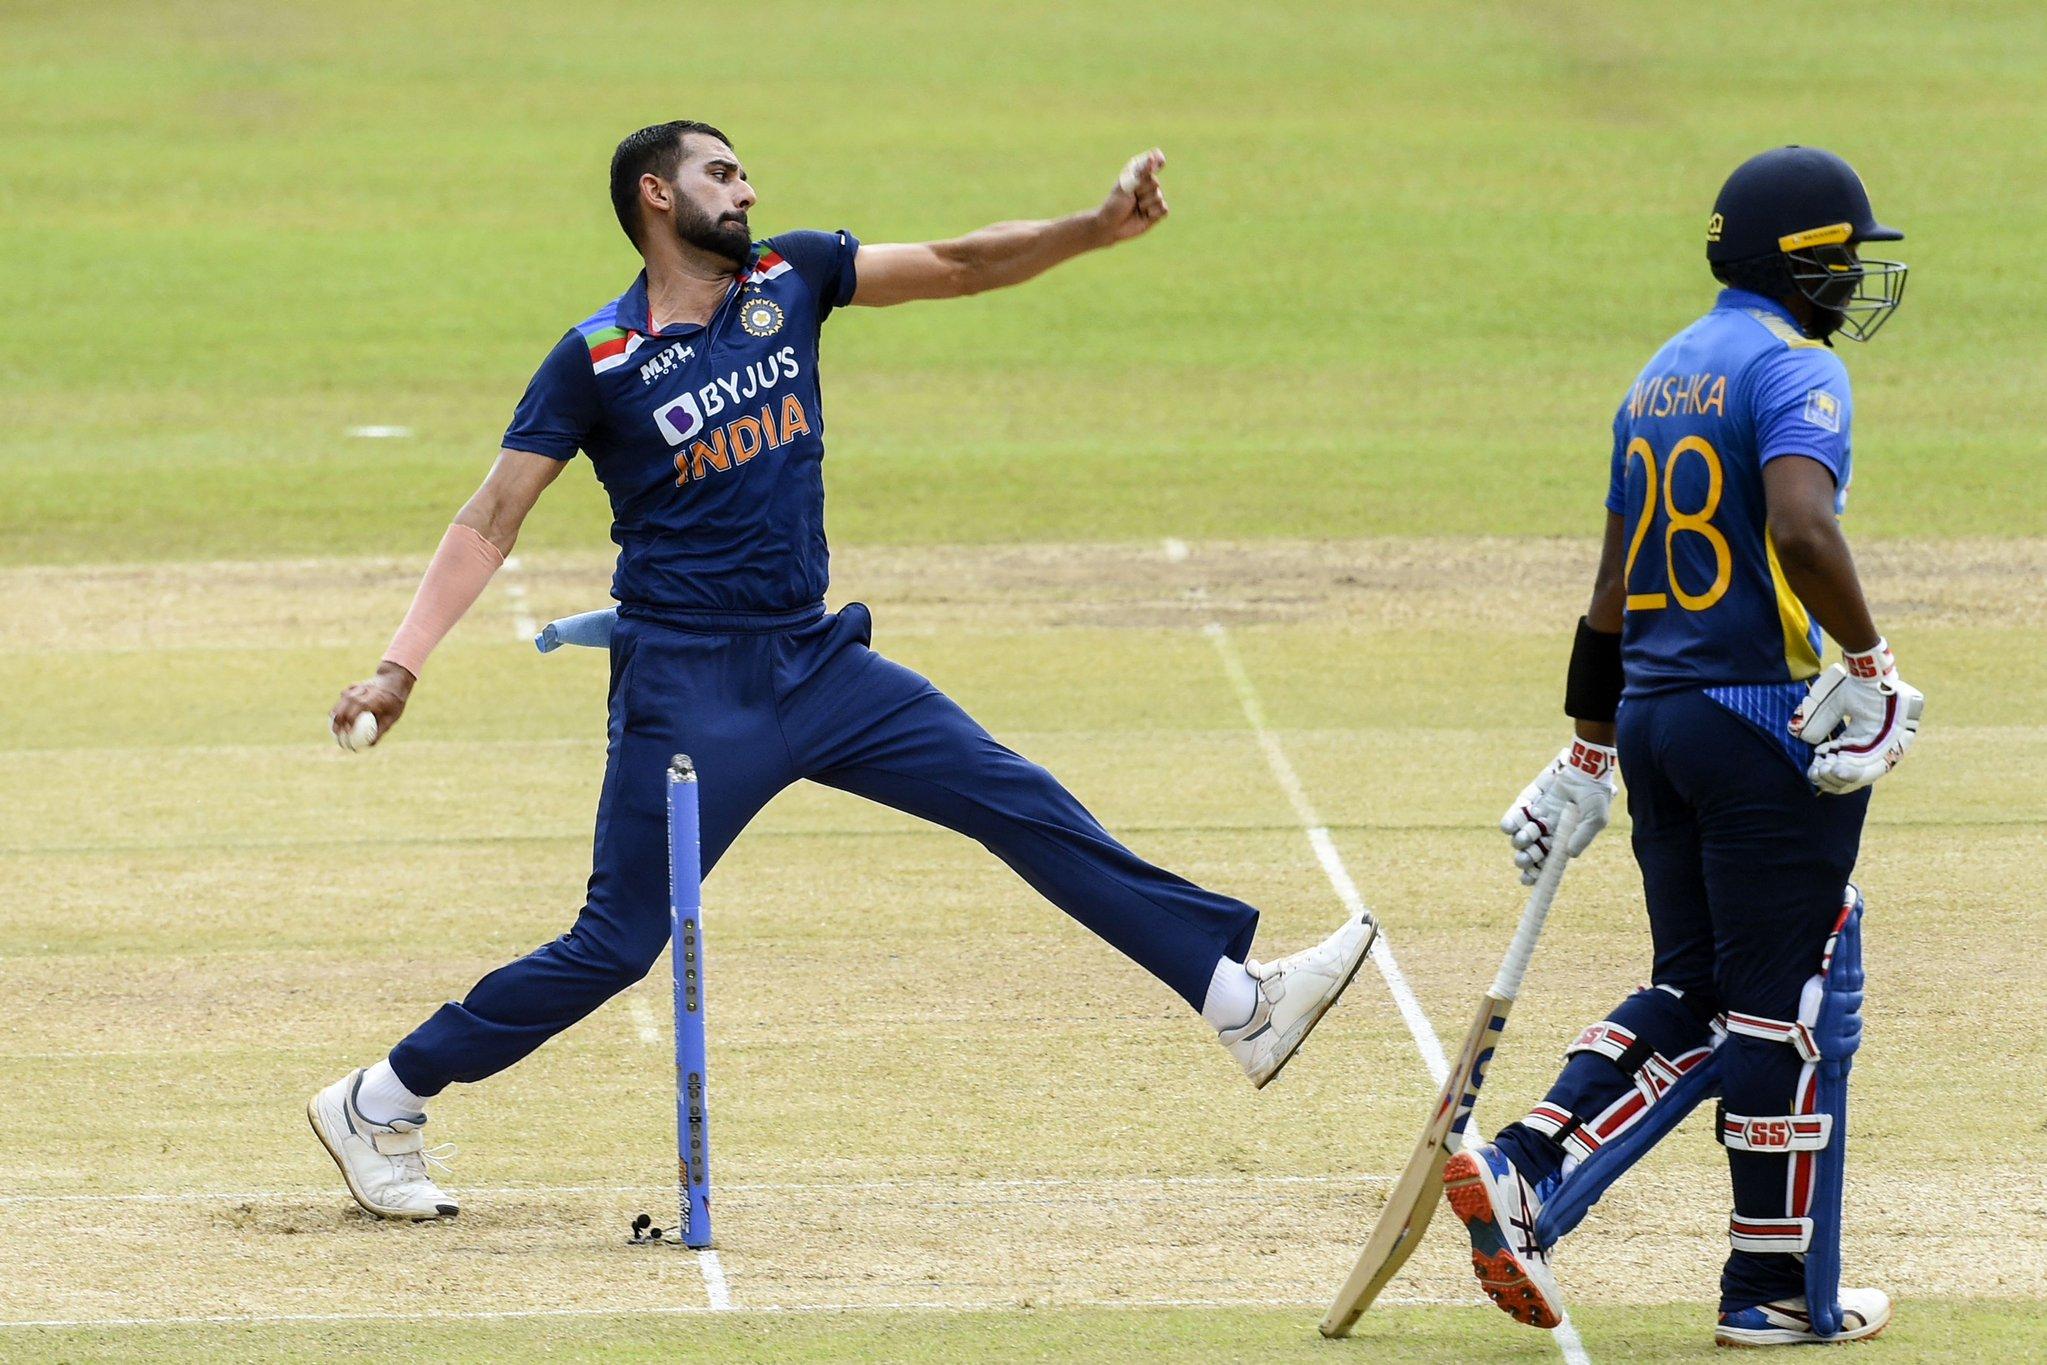 दीपक चाहर ने 2 विकेट लिए। उन्होंने धनंजय डिसिल्वा (32 रन) और वानिंदु हसारंगा का विकेट लिया।